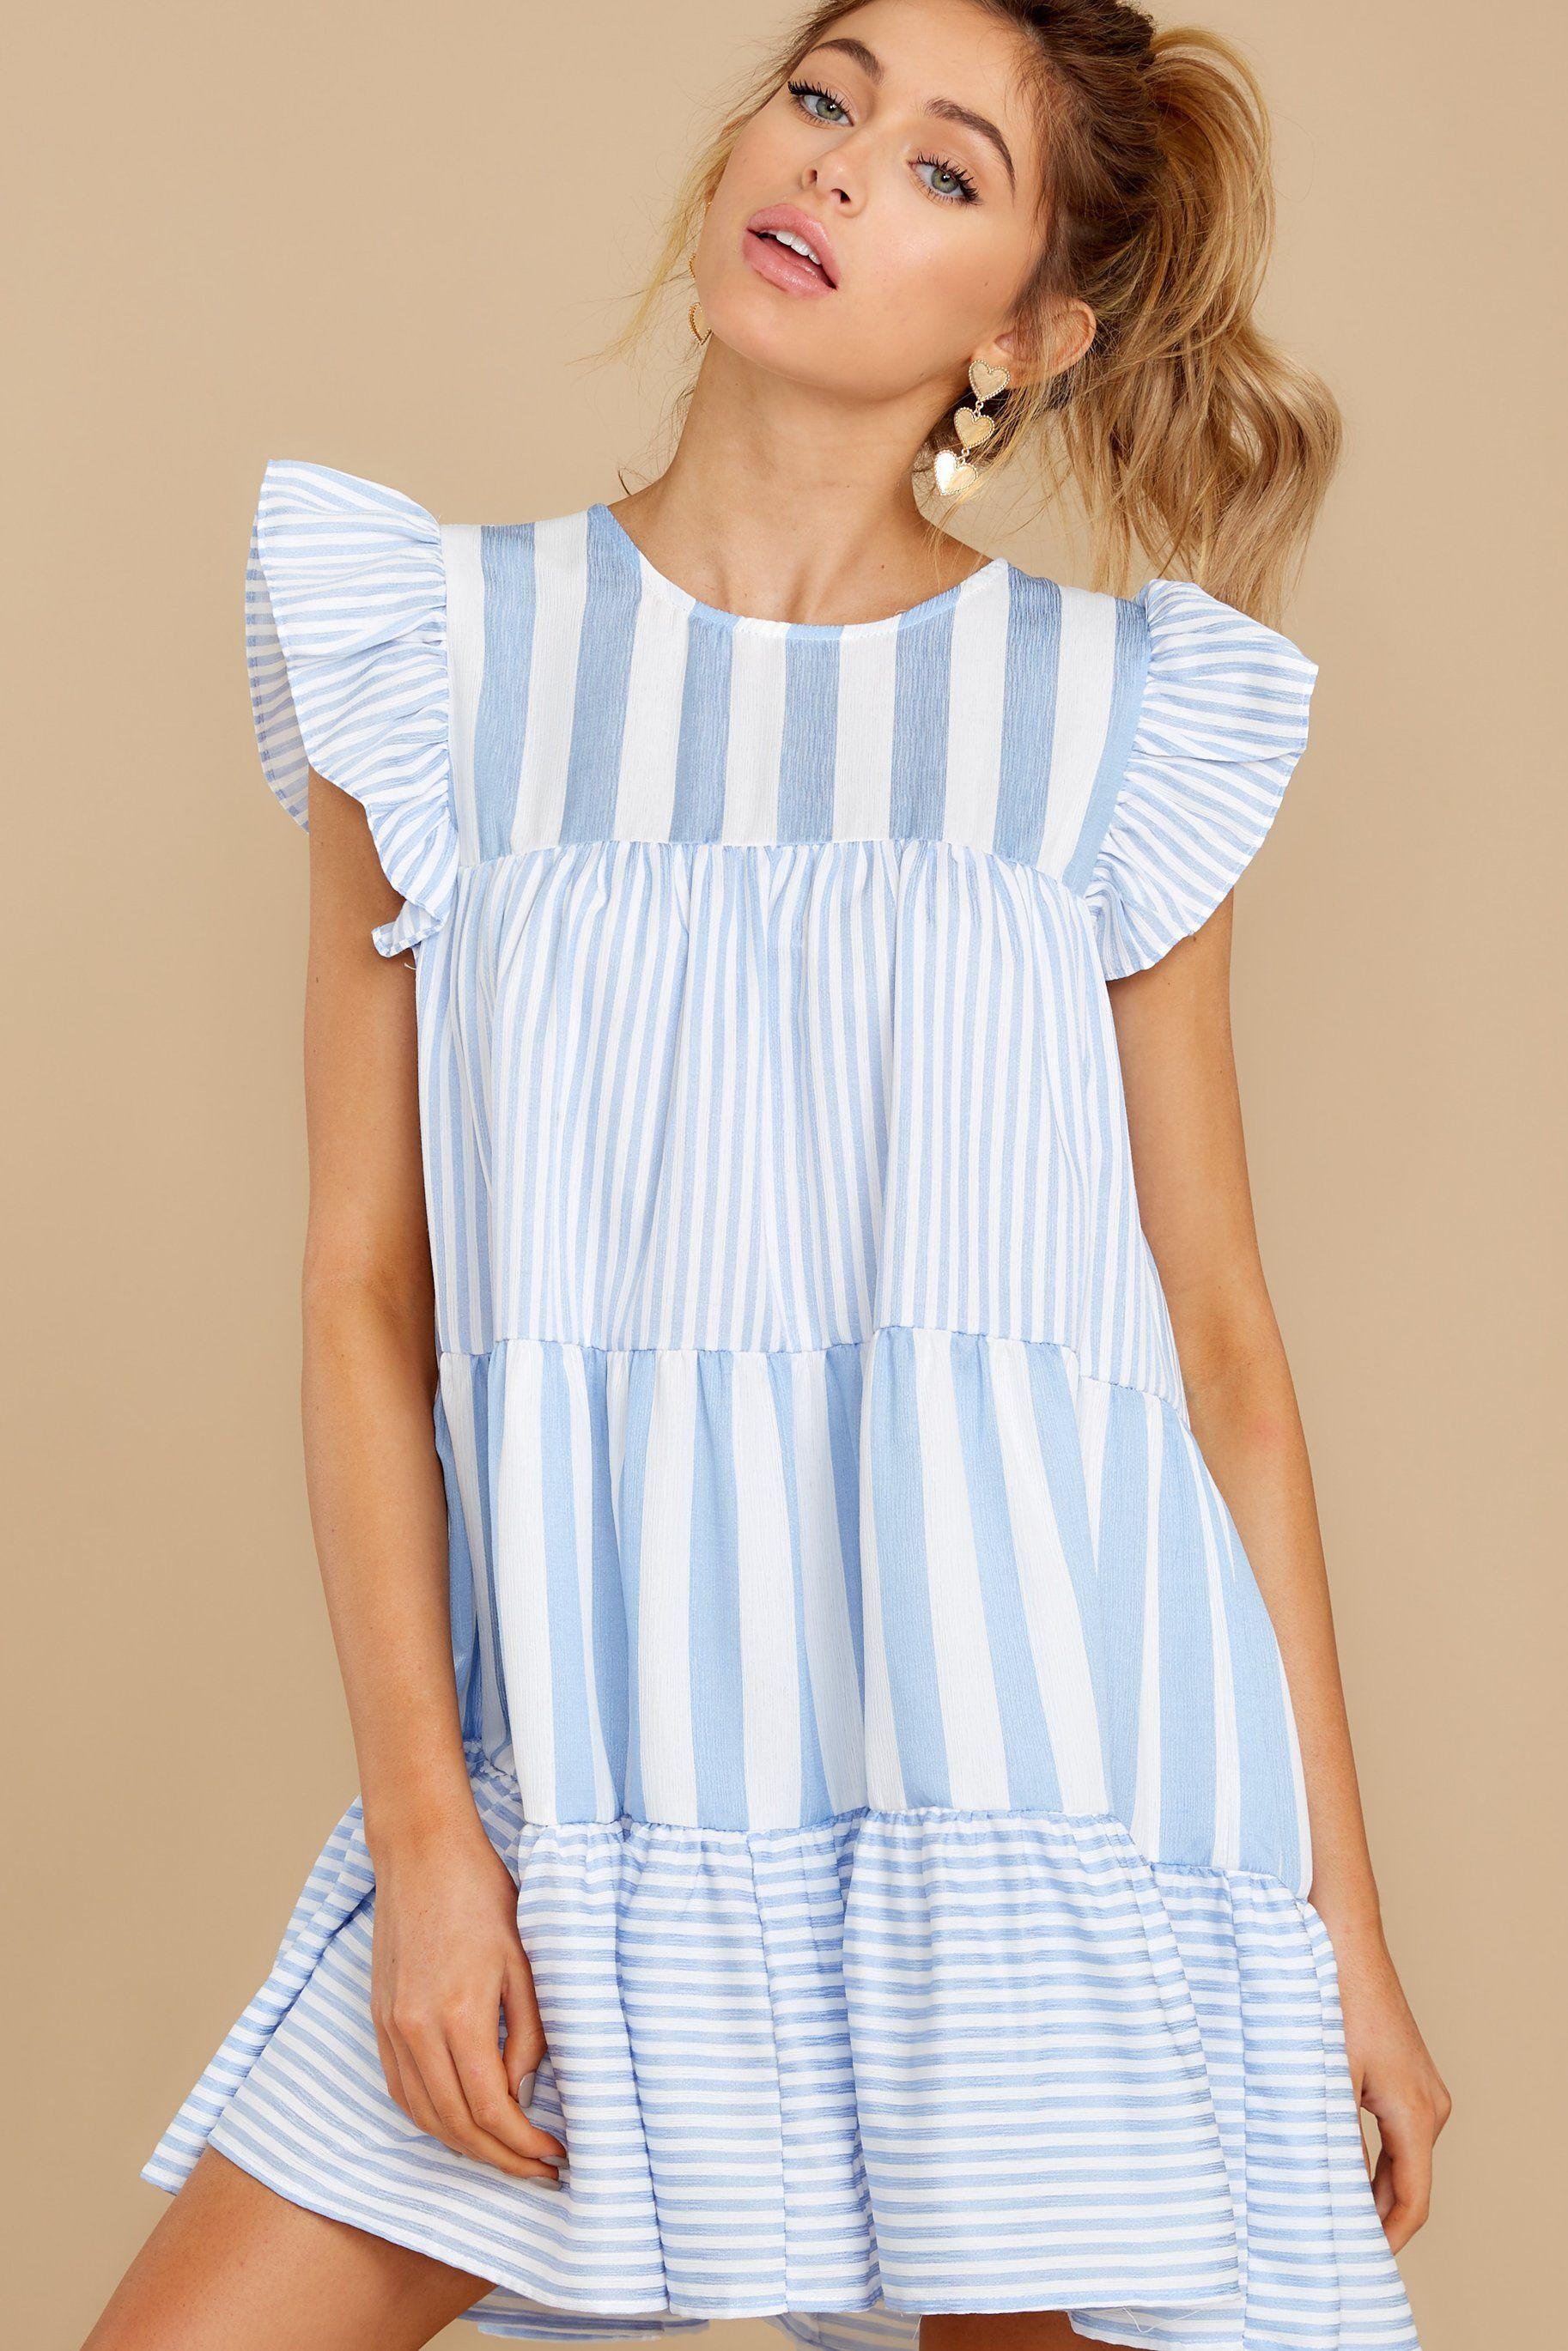 Swing On By Light Blue Multi Stripe Dress In 2021 Striped Dress Red Dress Boutique Red Dress [ 2738 x 1826 Pixel ]